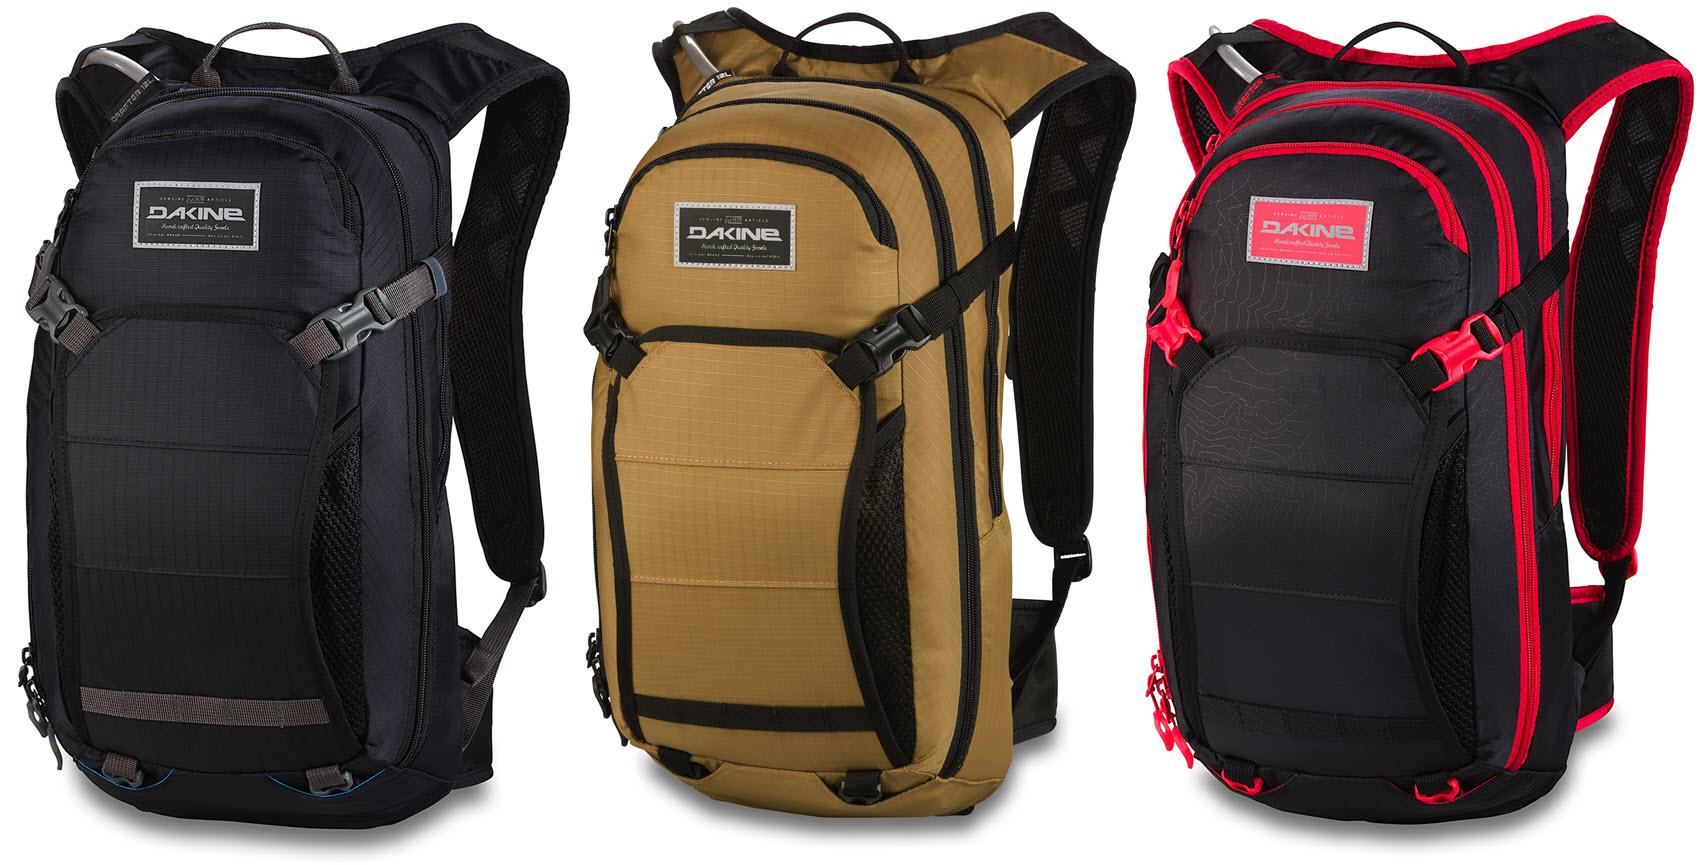 Dakine Bike Backpack - Drafter 12L